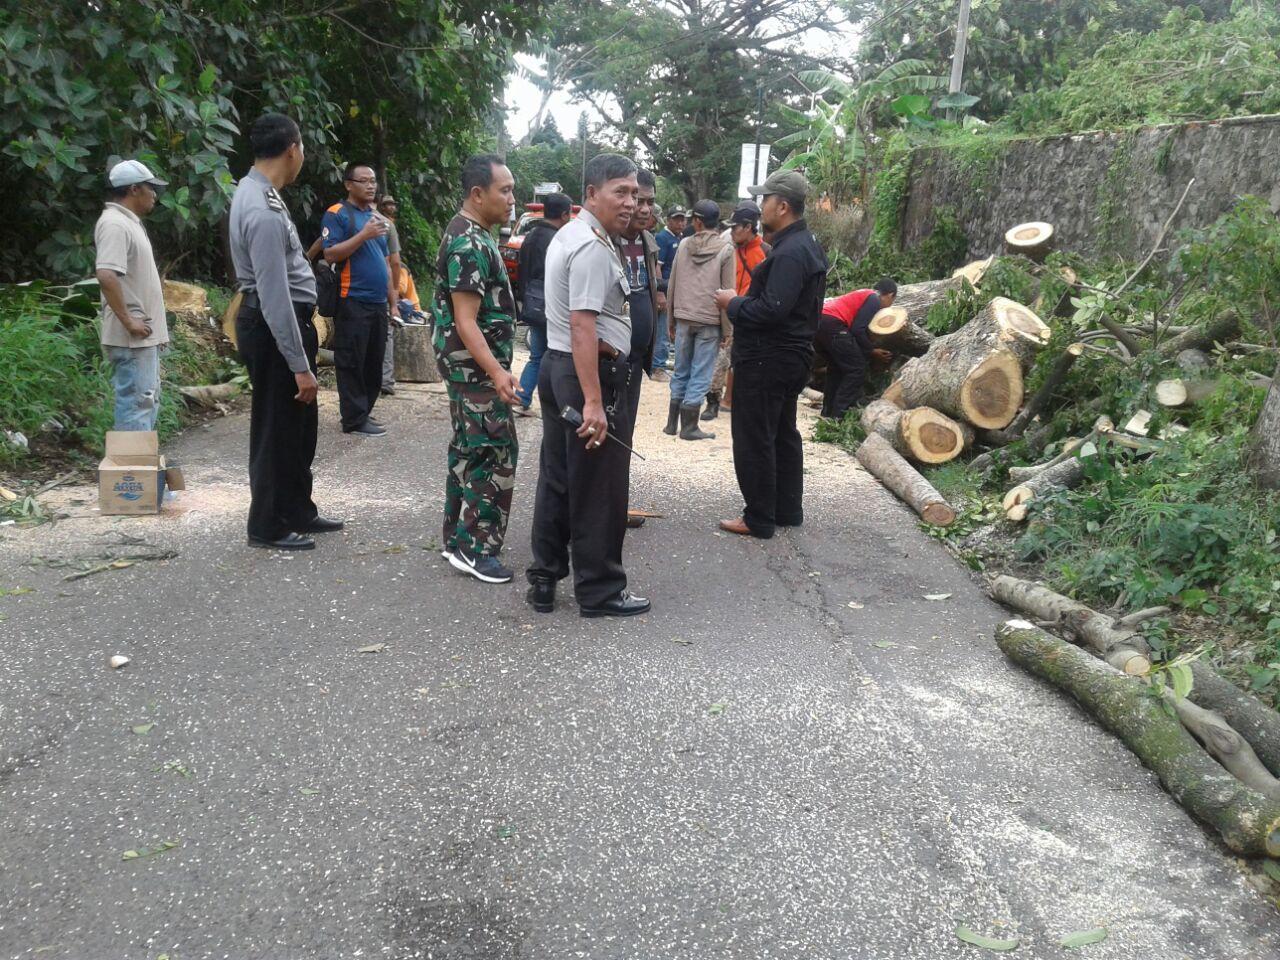 Kapolsek Junrejo AKP Sigalingging Polres Batu Bersama 3 Pilar Lakukan Pengamanan TKP Pohon Tumbangdijalan Diponegoro, Desa Junrejo